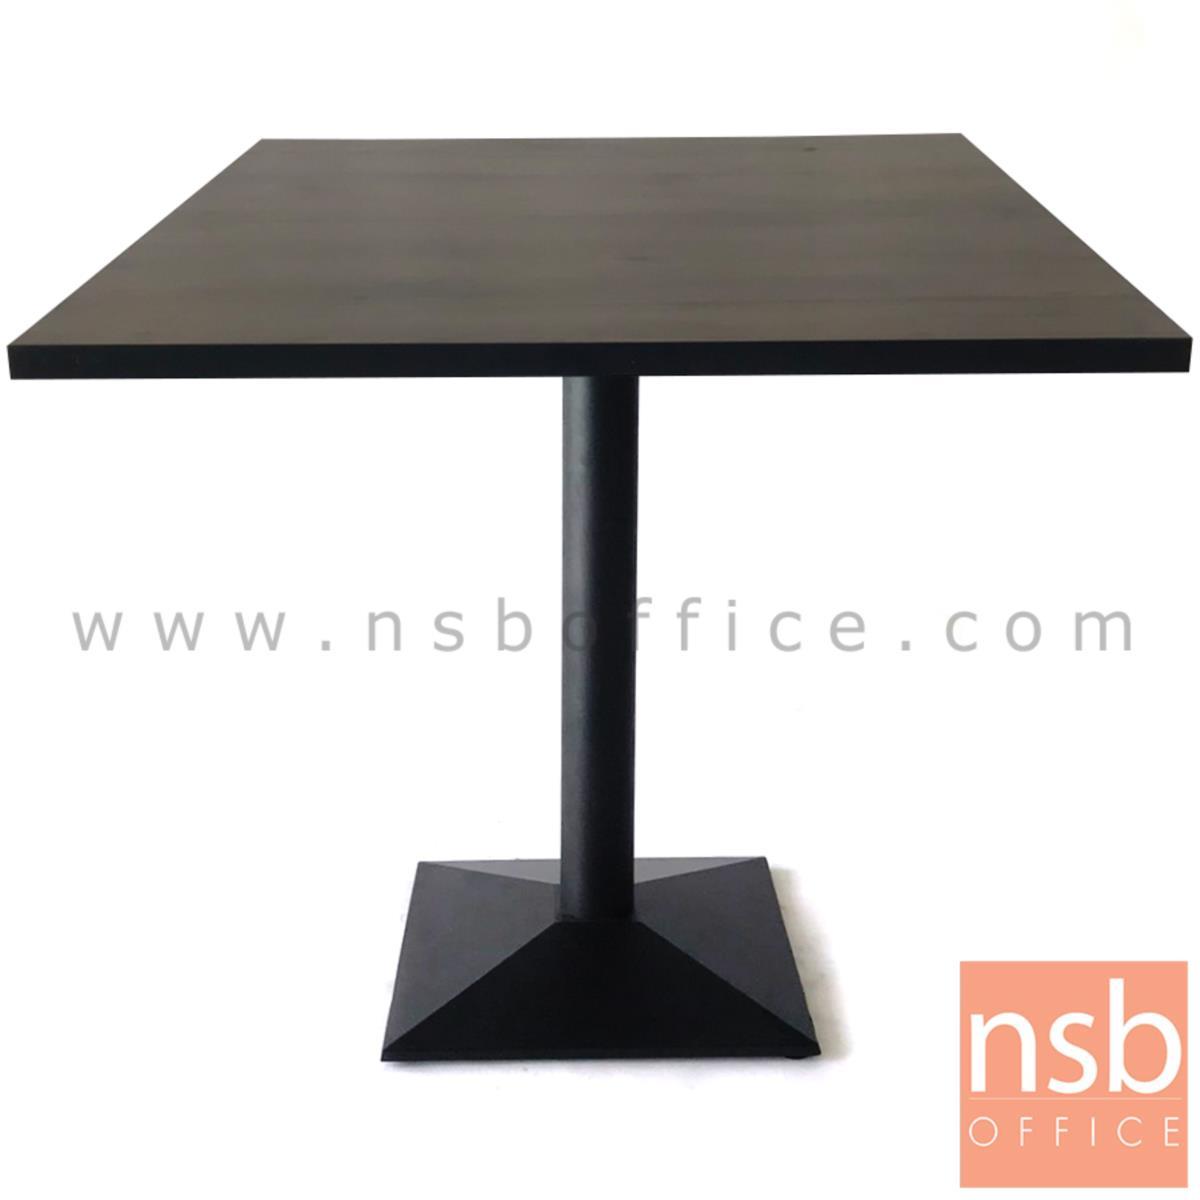 ขาโต๊ะบาร์ทรงสี่เหลี่ยมปิรามิด สีดำ รุ่น PIRAMID